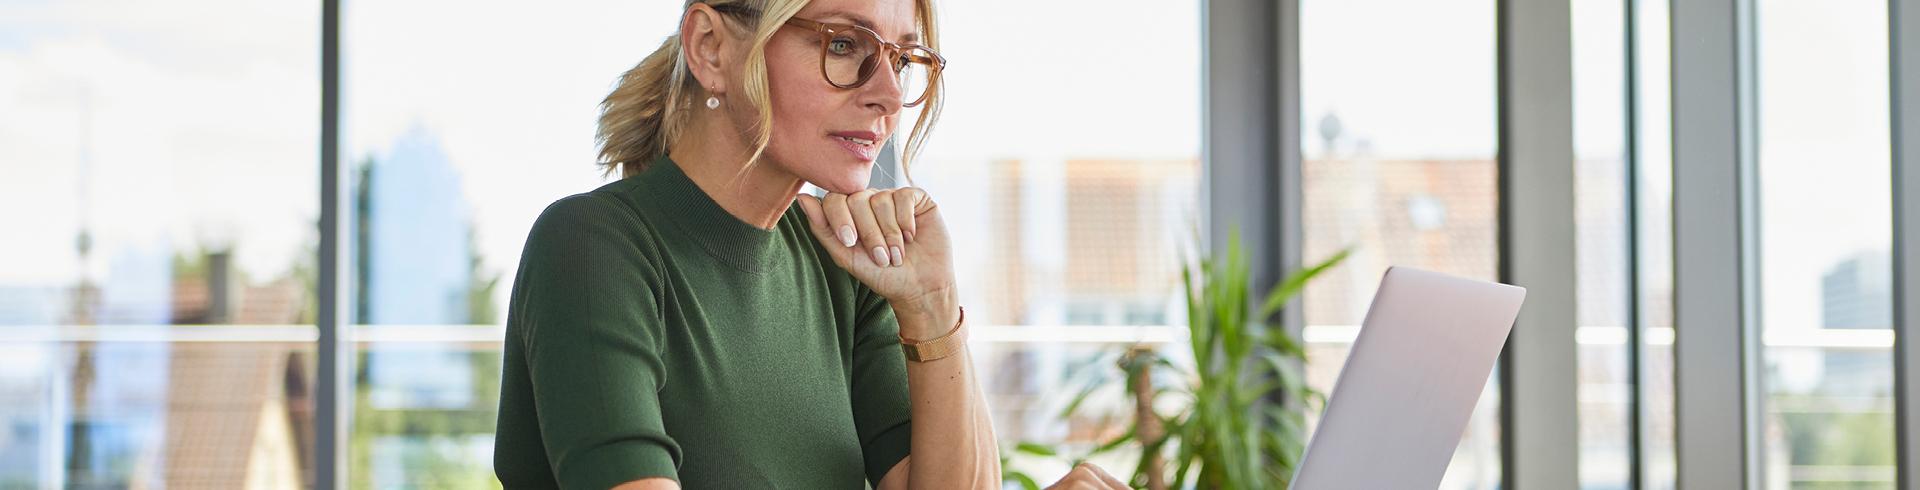 Imagen de una mujer que trabaja desde una computadora portátil